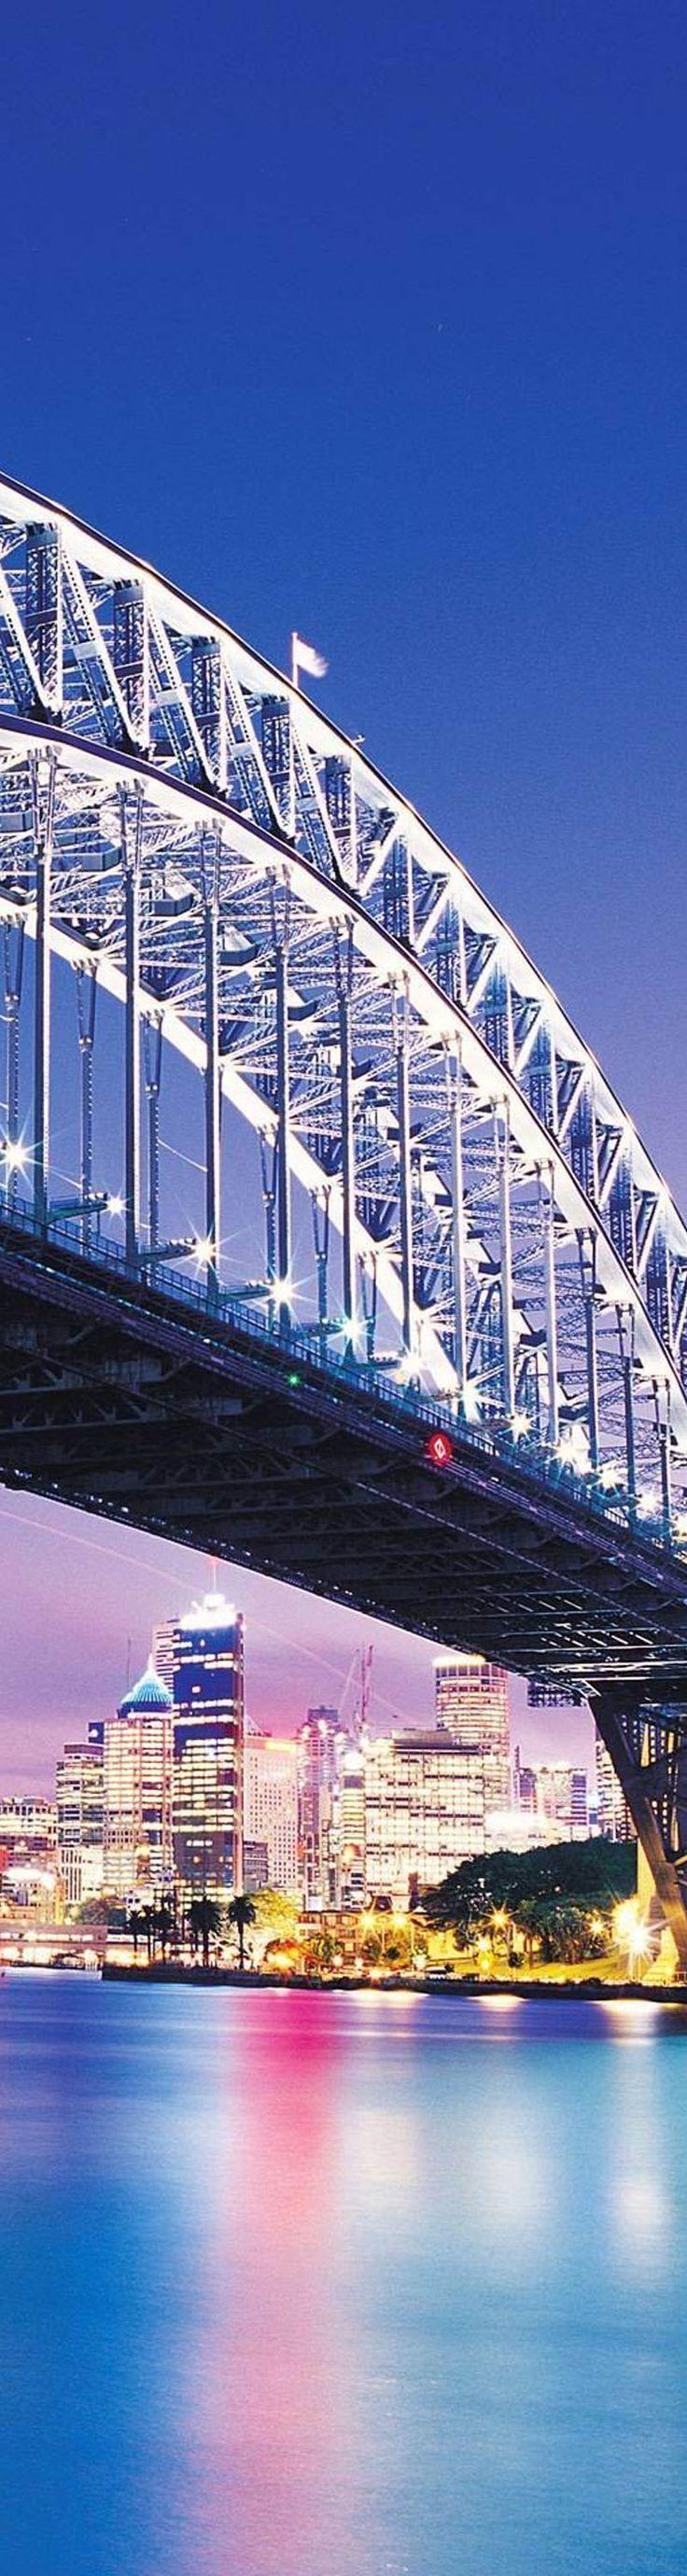 Sydney Harbour Bridge - NSW, Australia